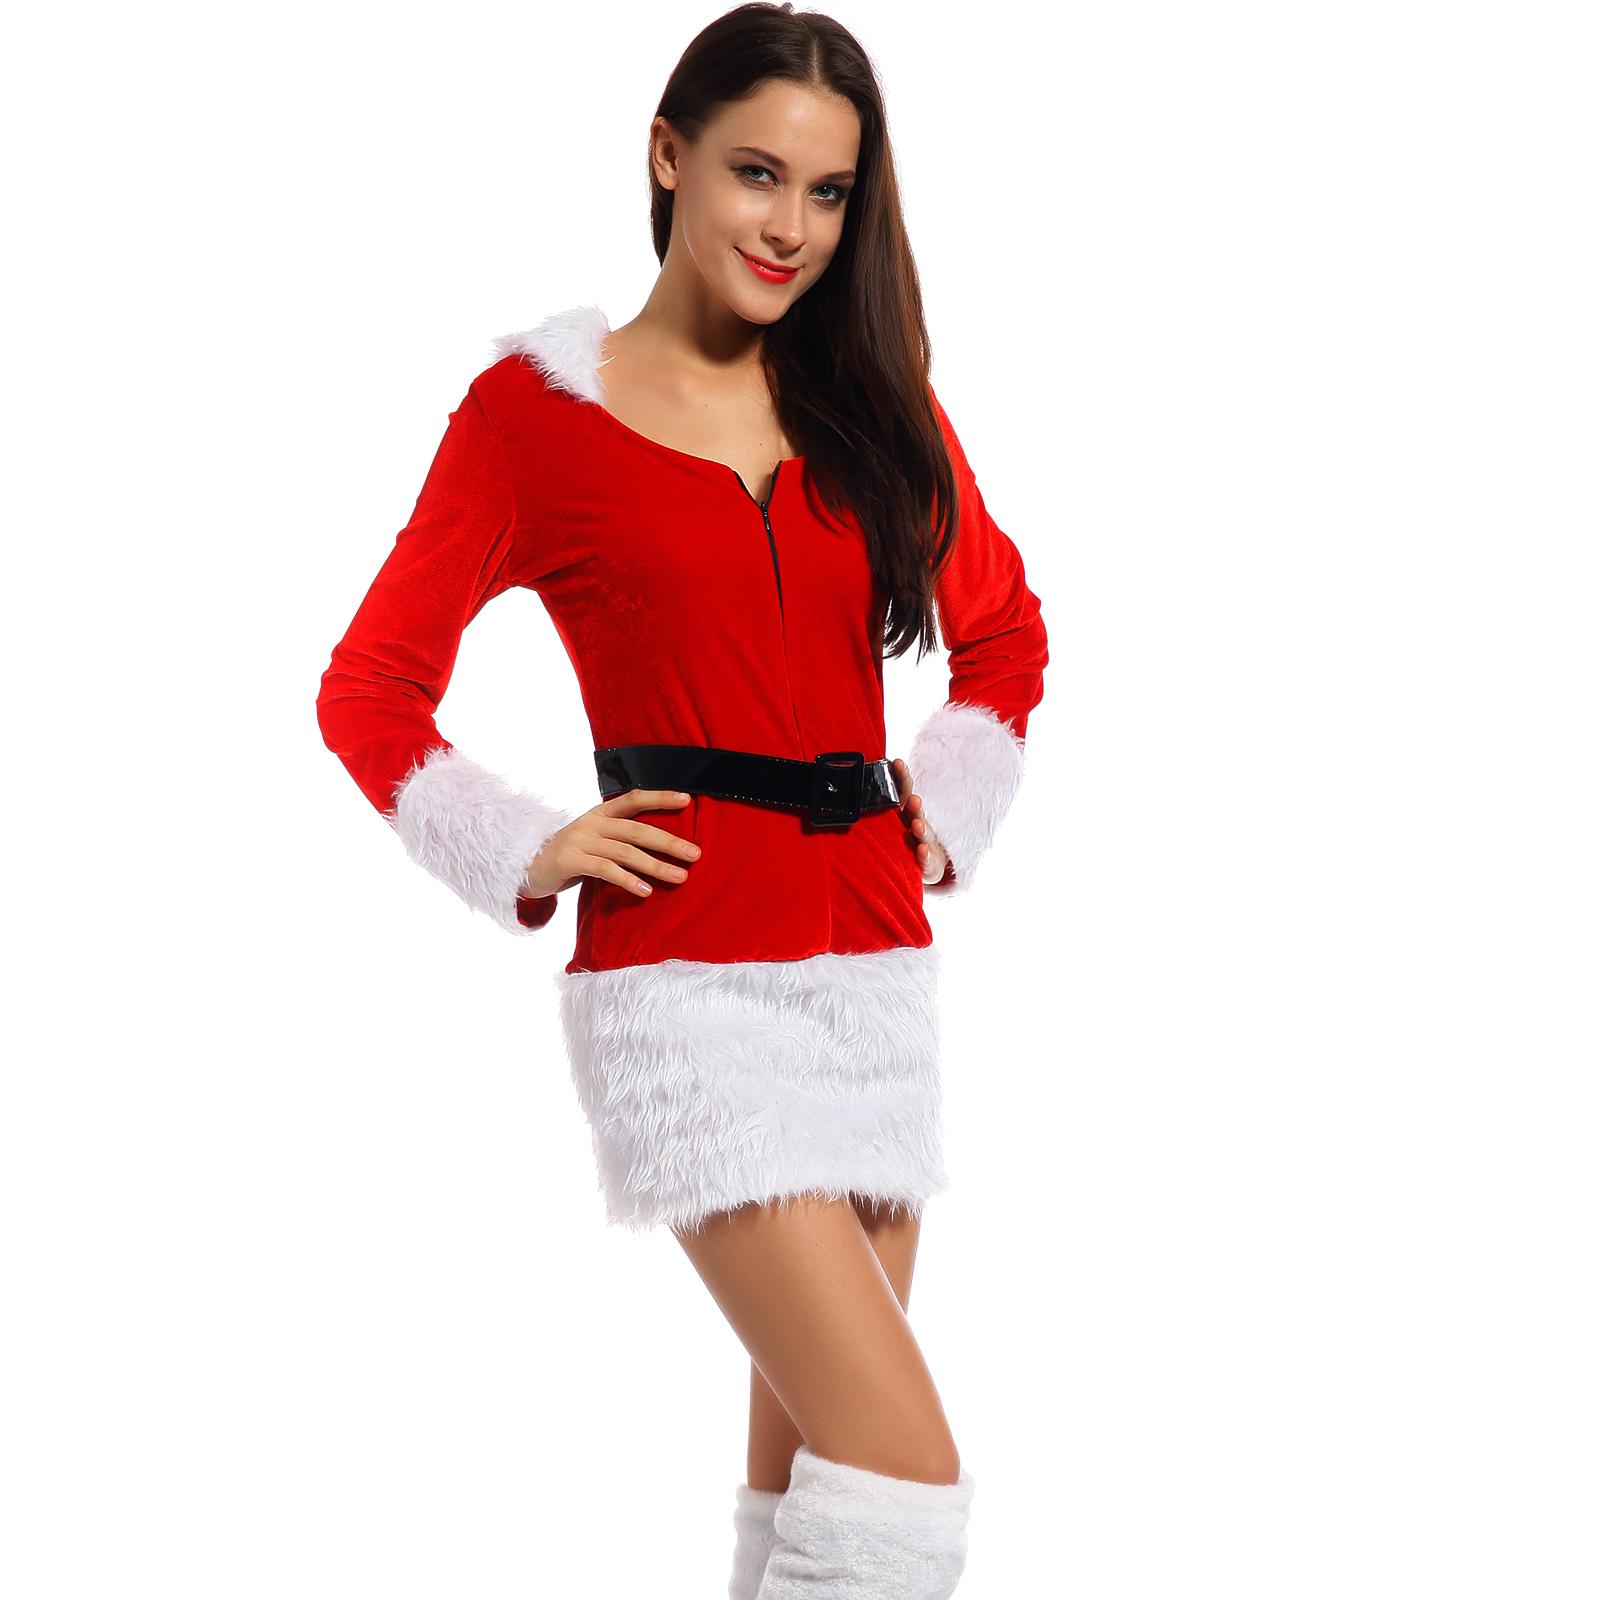 erwachsene kost m weihnachtsfrau kleid weihnachten kleider. Black Bedroom Furniture Sets. Home Design Ideas